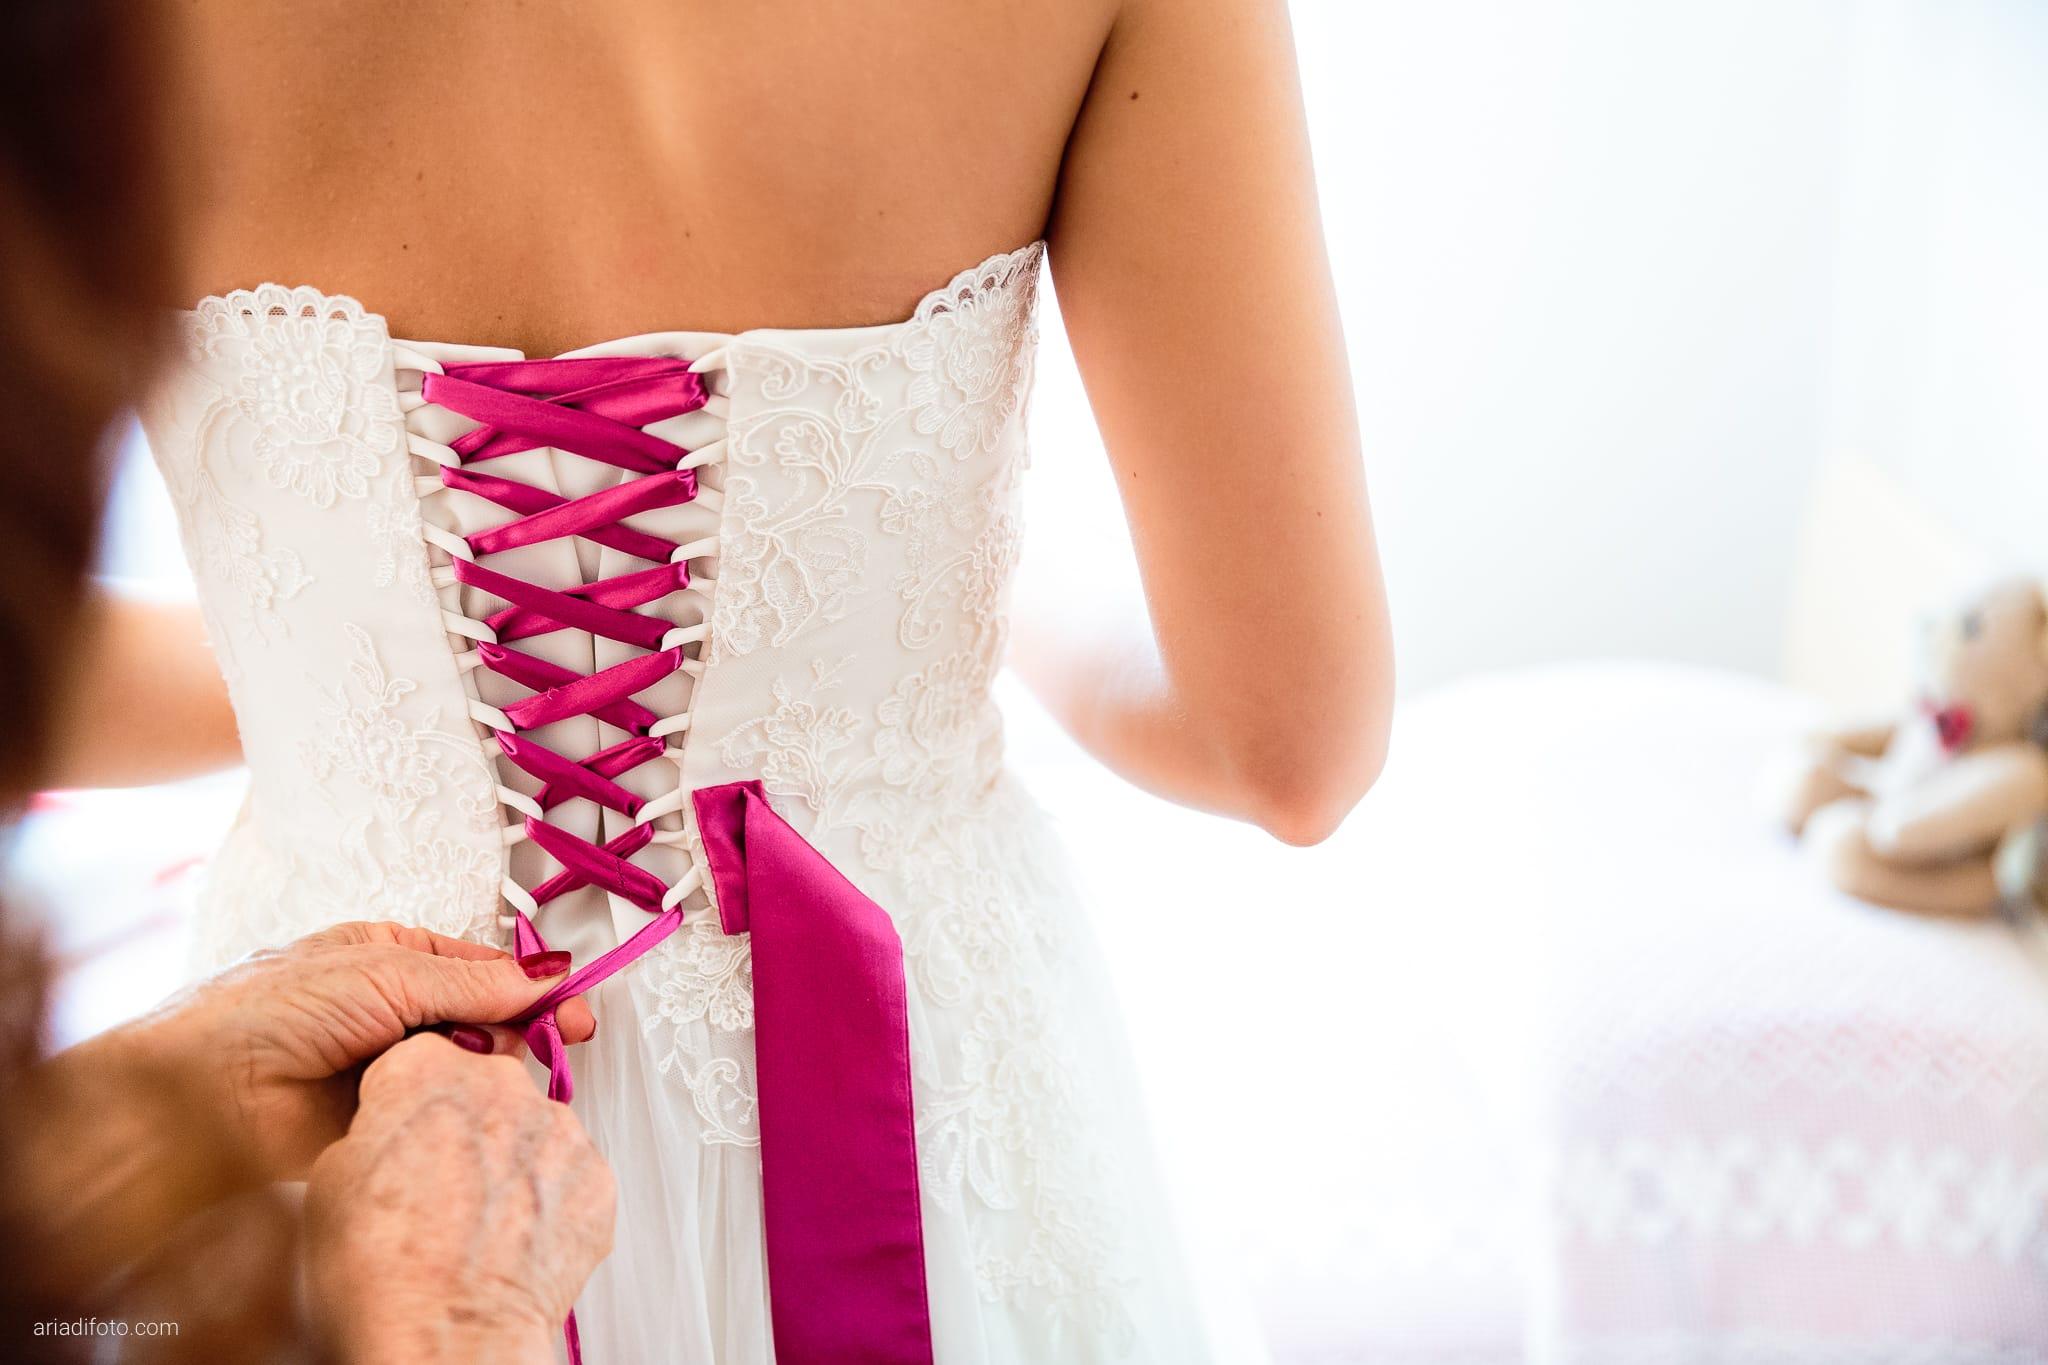 Dorella Stefano matrimonio Cormons Villa Chiopris Udine preparativi dettagli abito fiocco